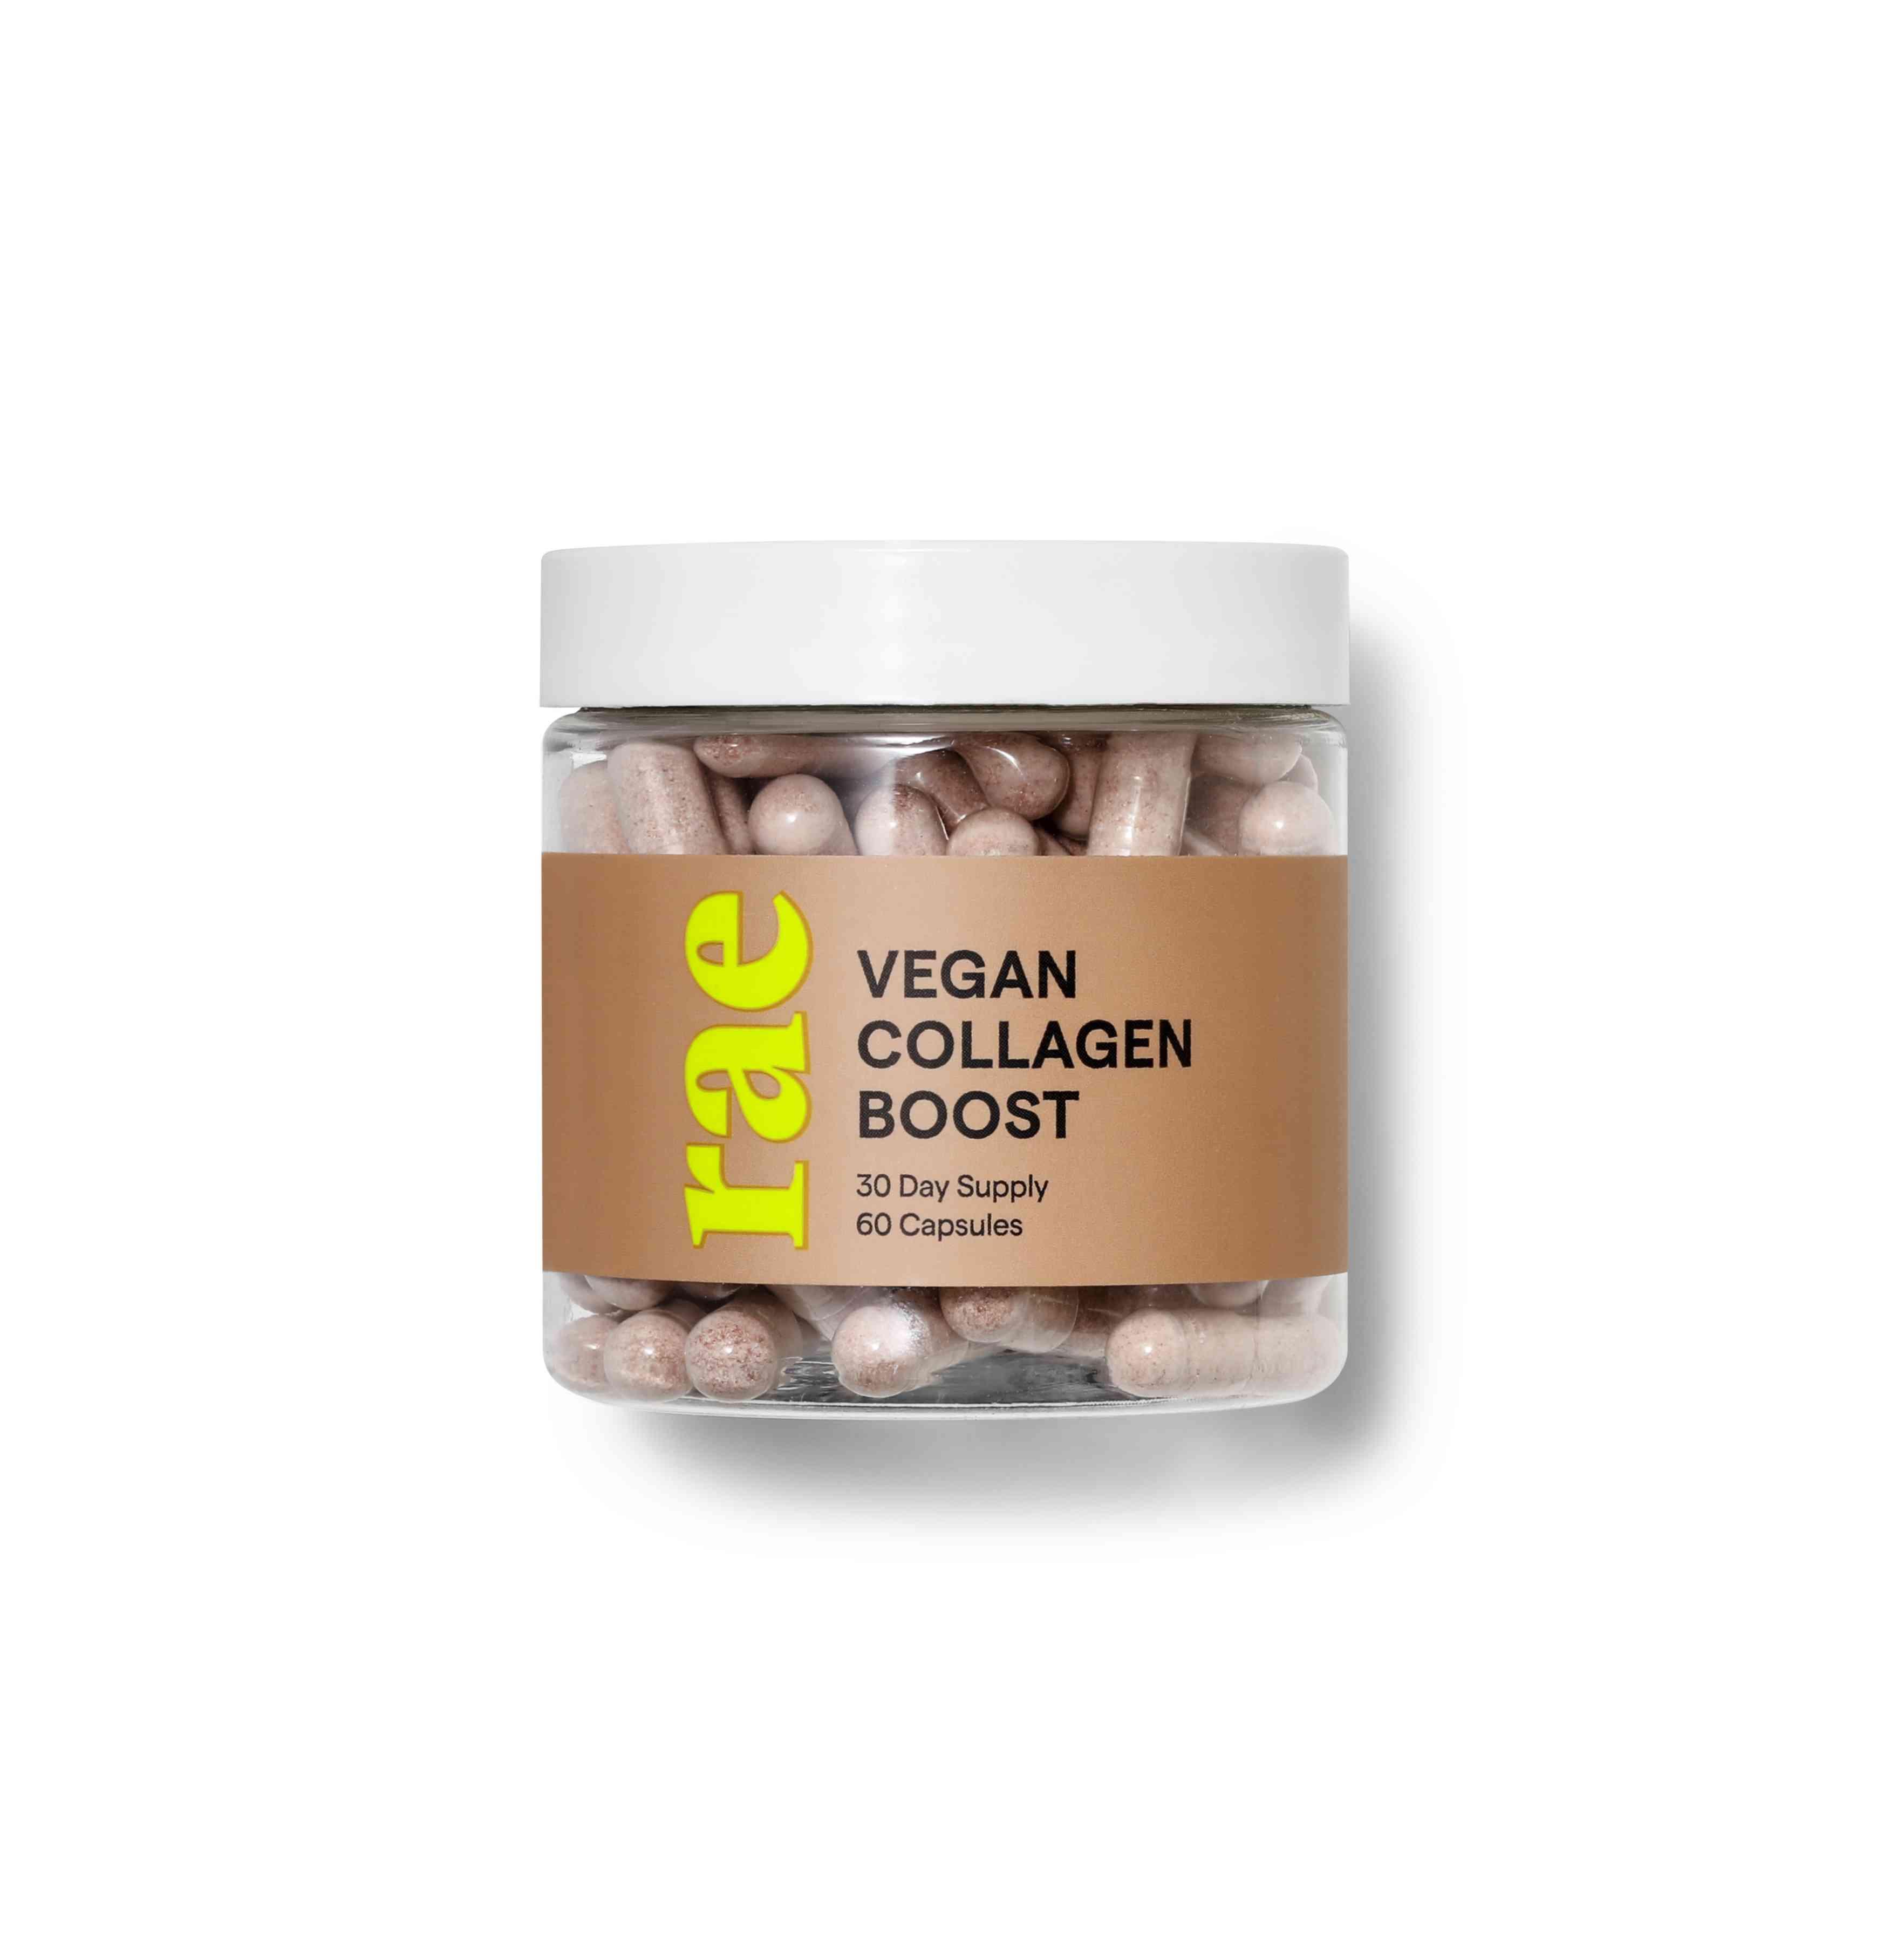 Rae Wellness Vegan Collagen Boost Capsules